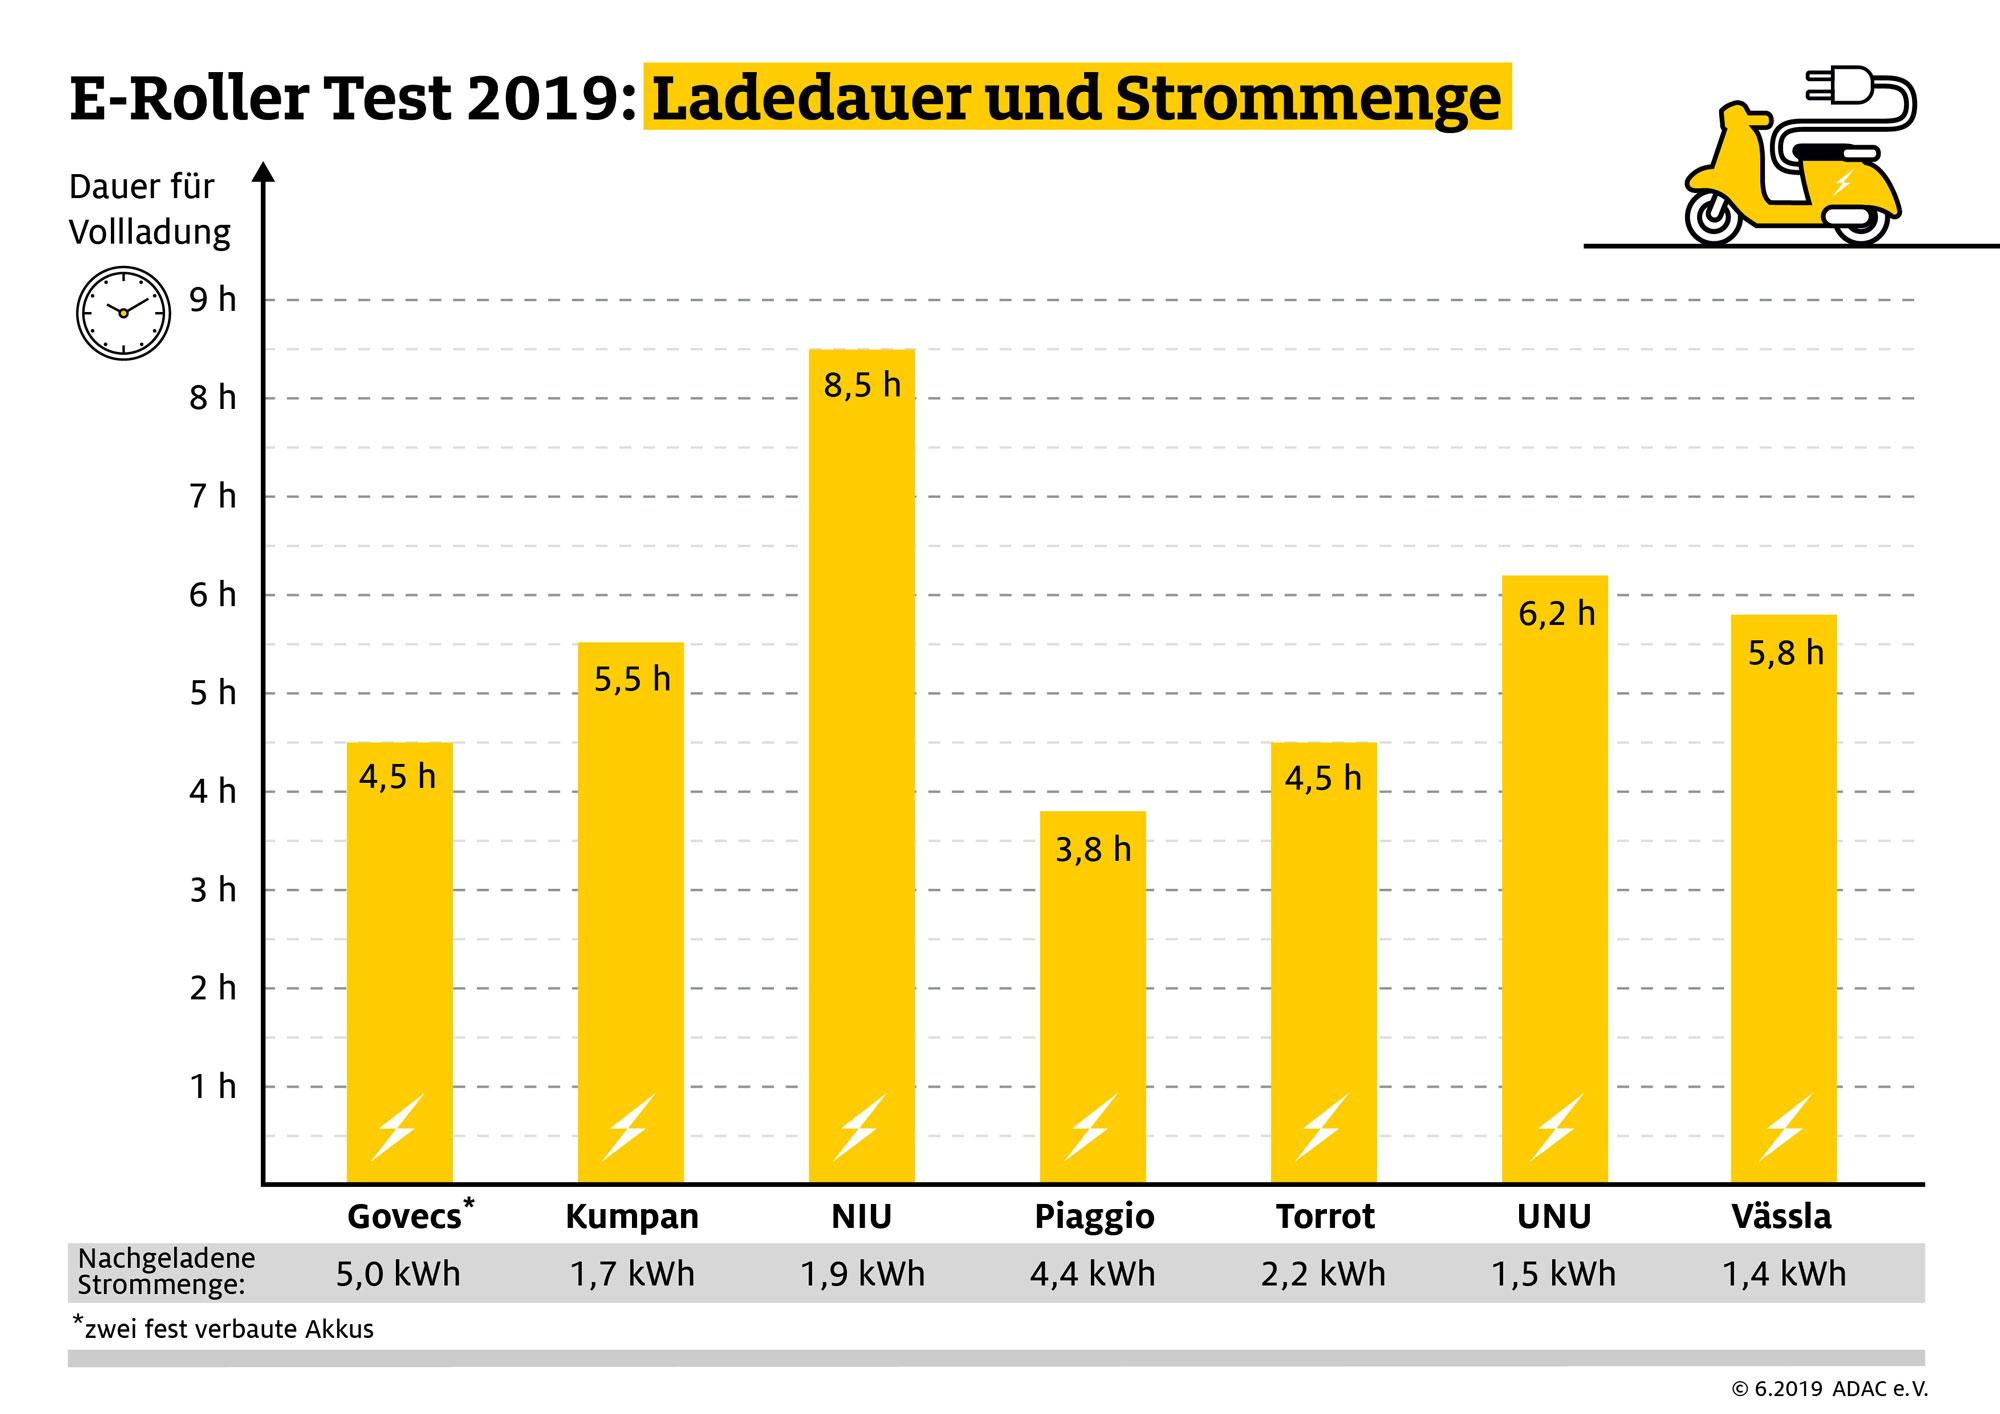 ADAC-E-Roller-Test-2019-Ladedauer